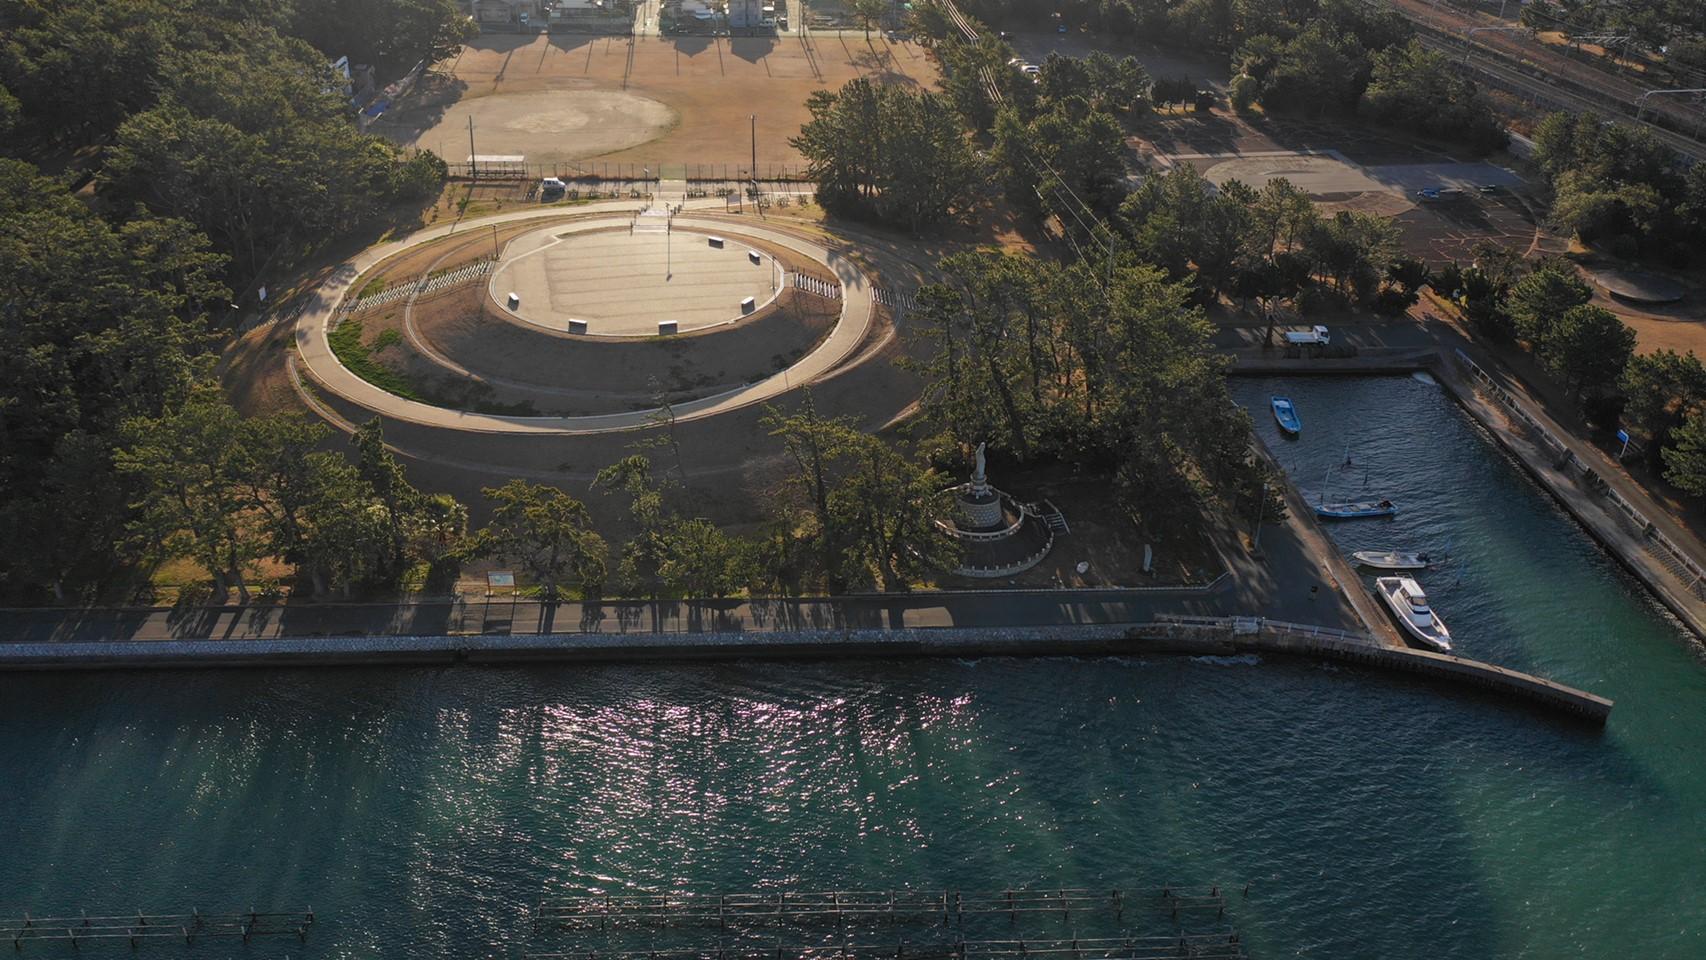 【浜名湖南部】『和田航路・浜名湖県立公園周辺』の釣り場ガイド